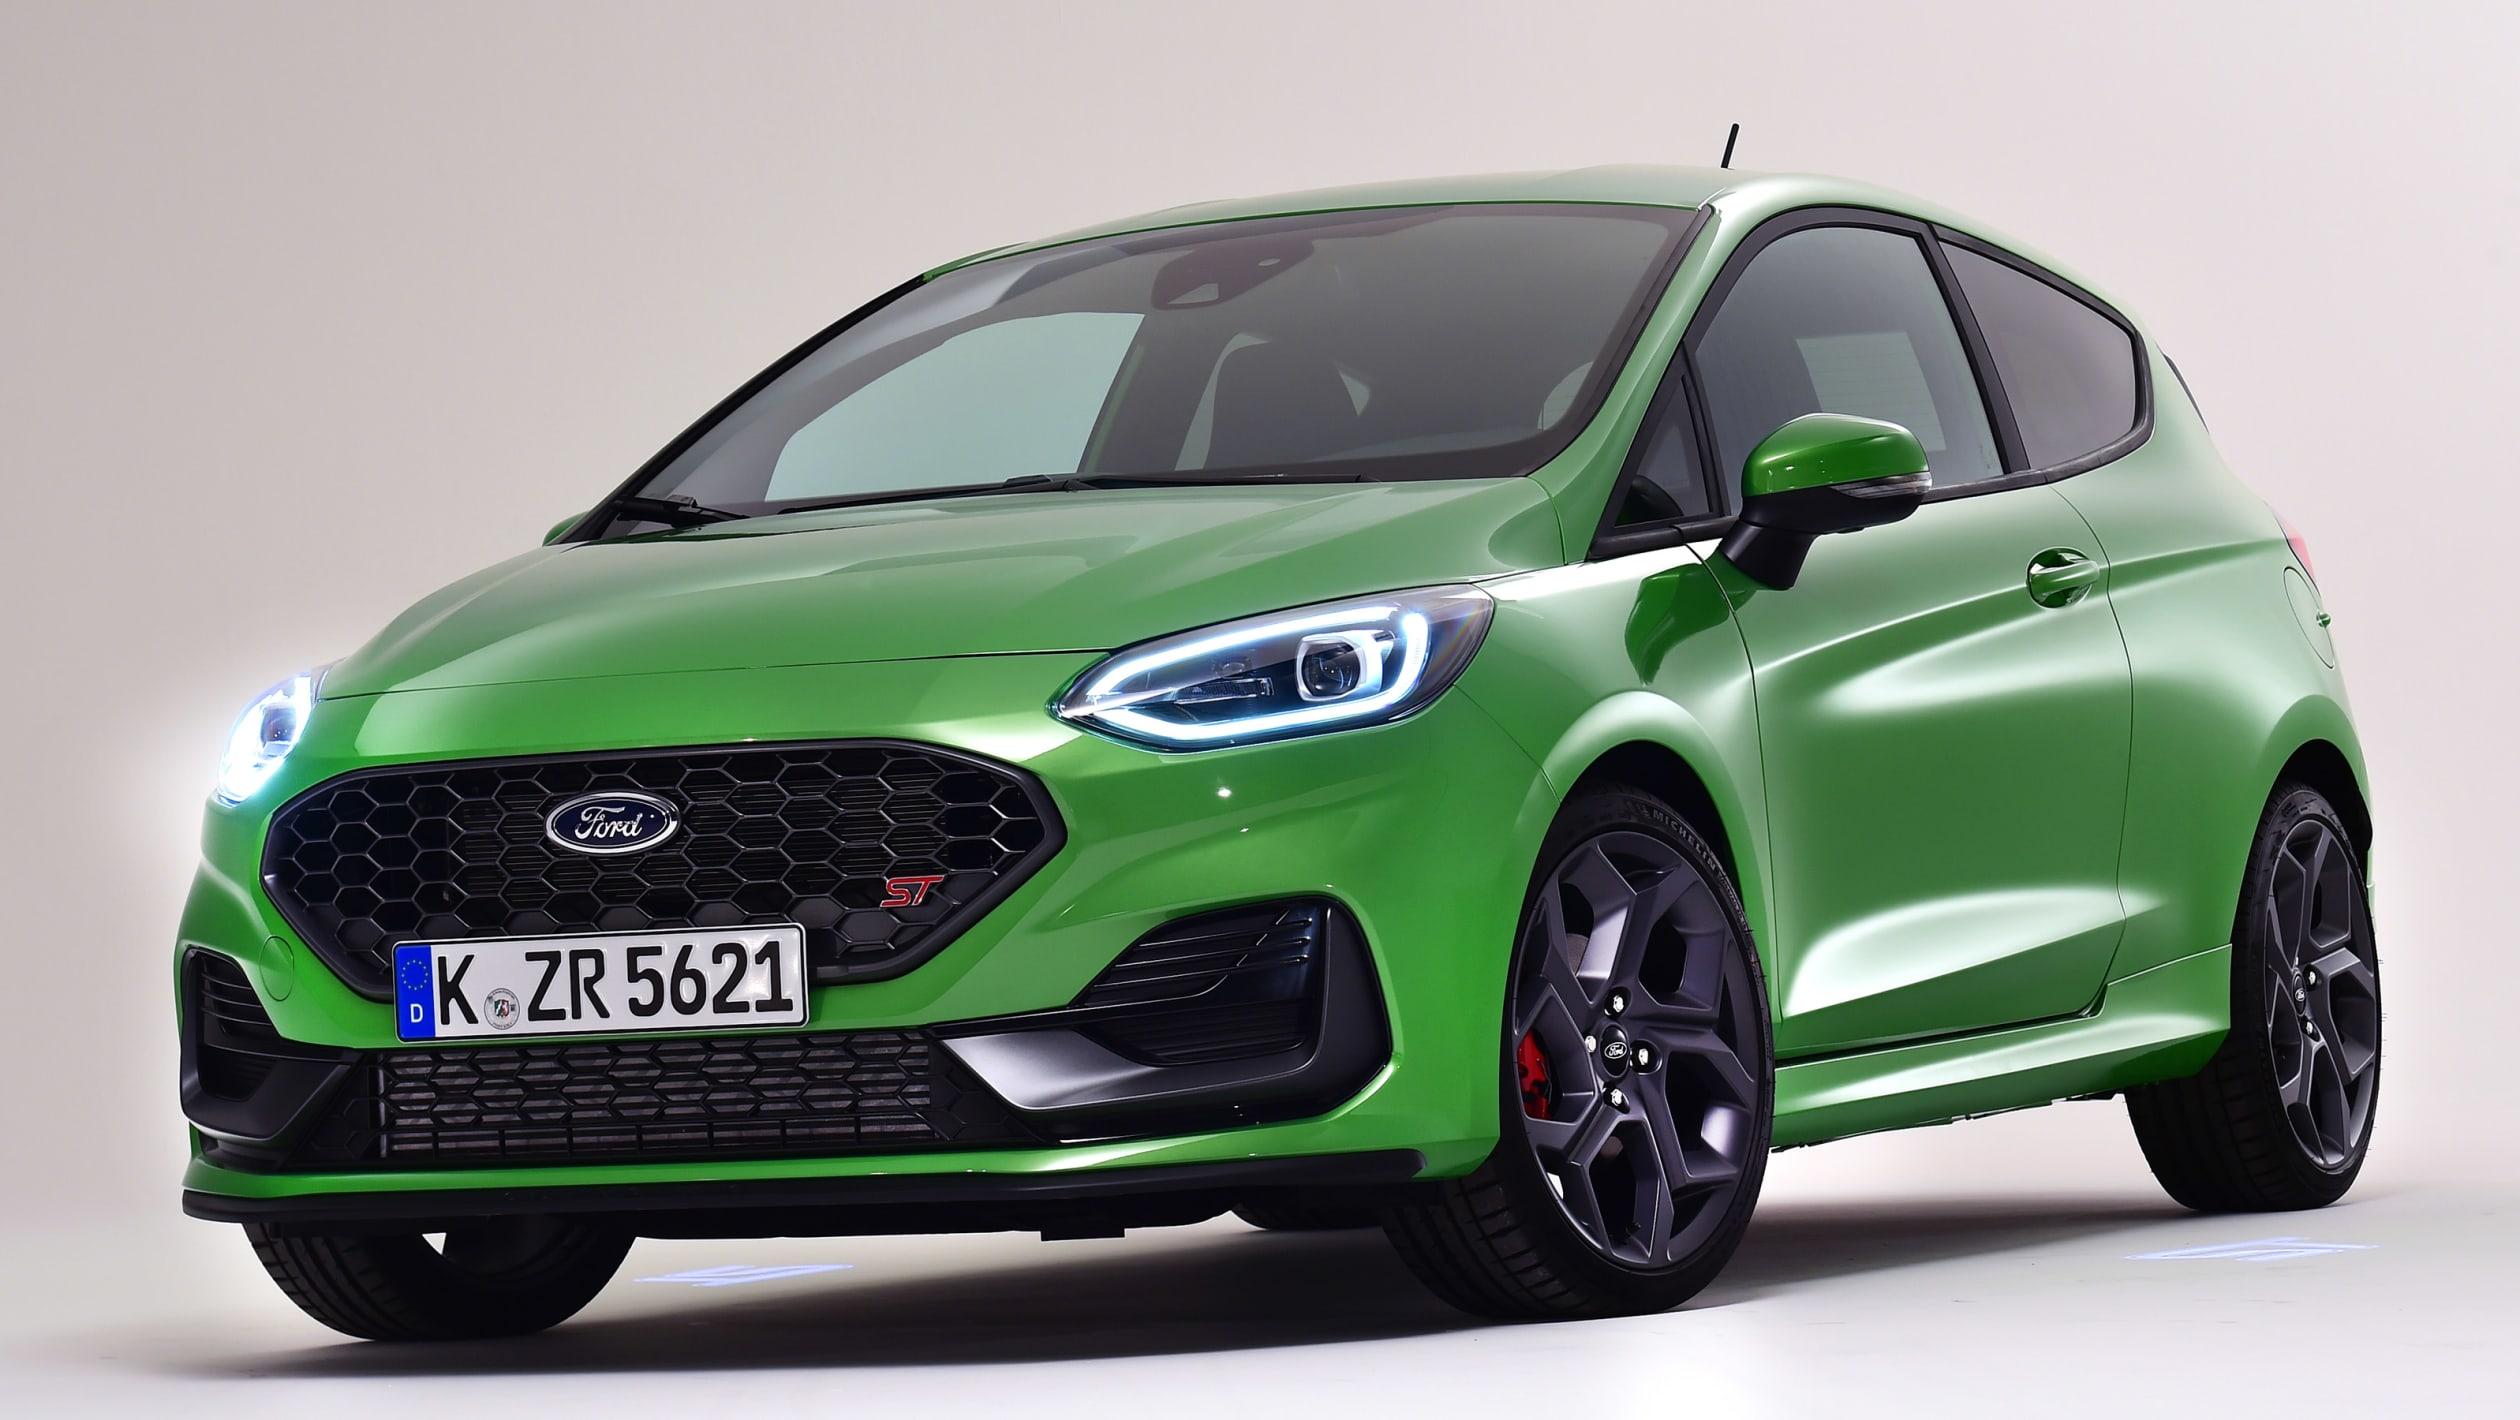 Ford Motor показал модернизированный хэтчбек Fiesta для Европы: седьмую генерацию производят уже четыре года.